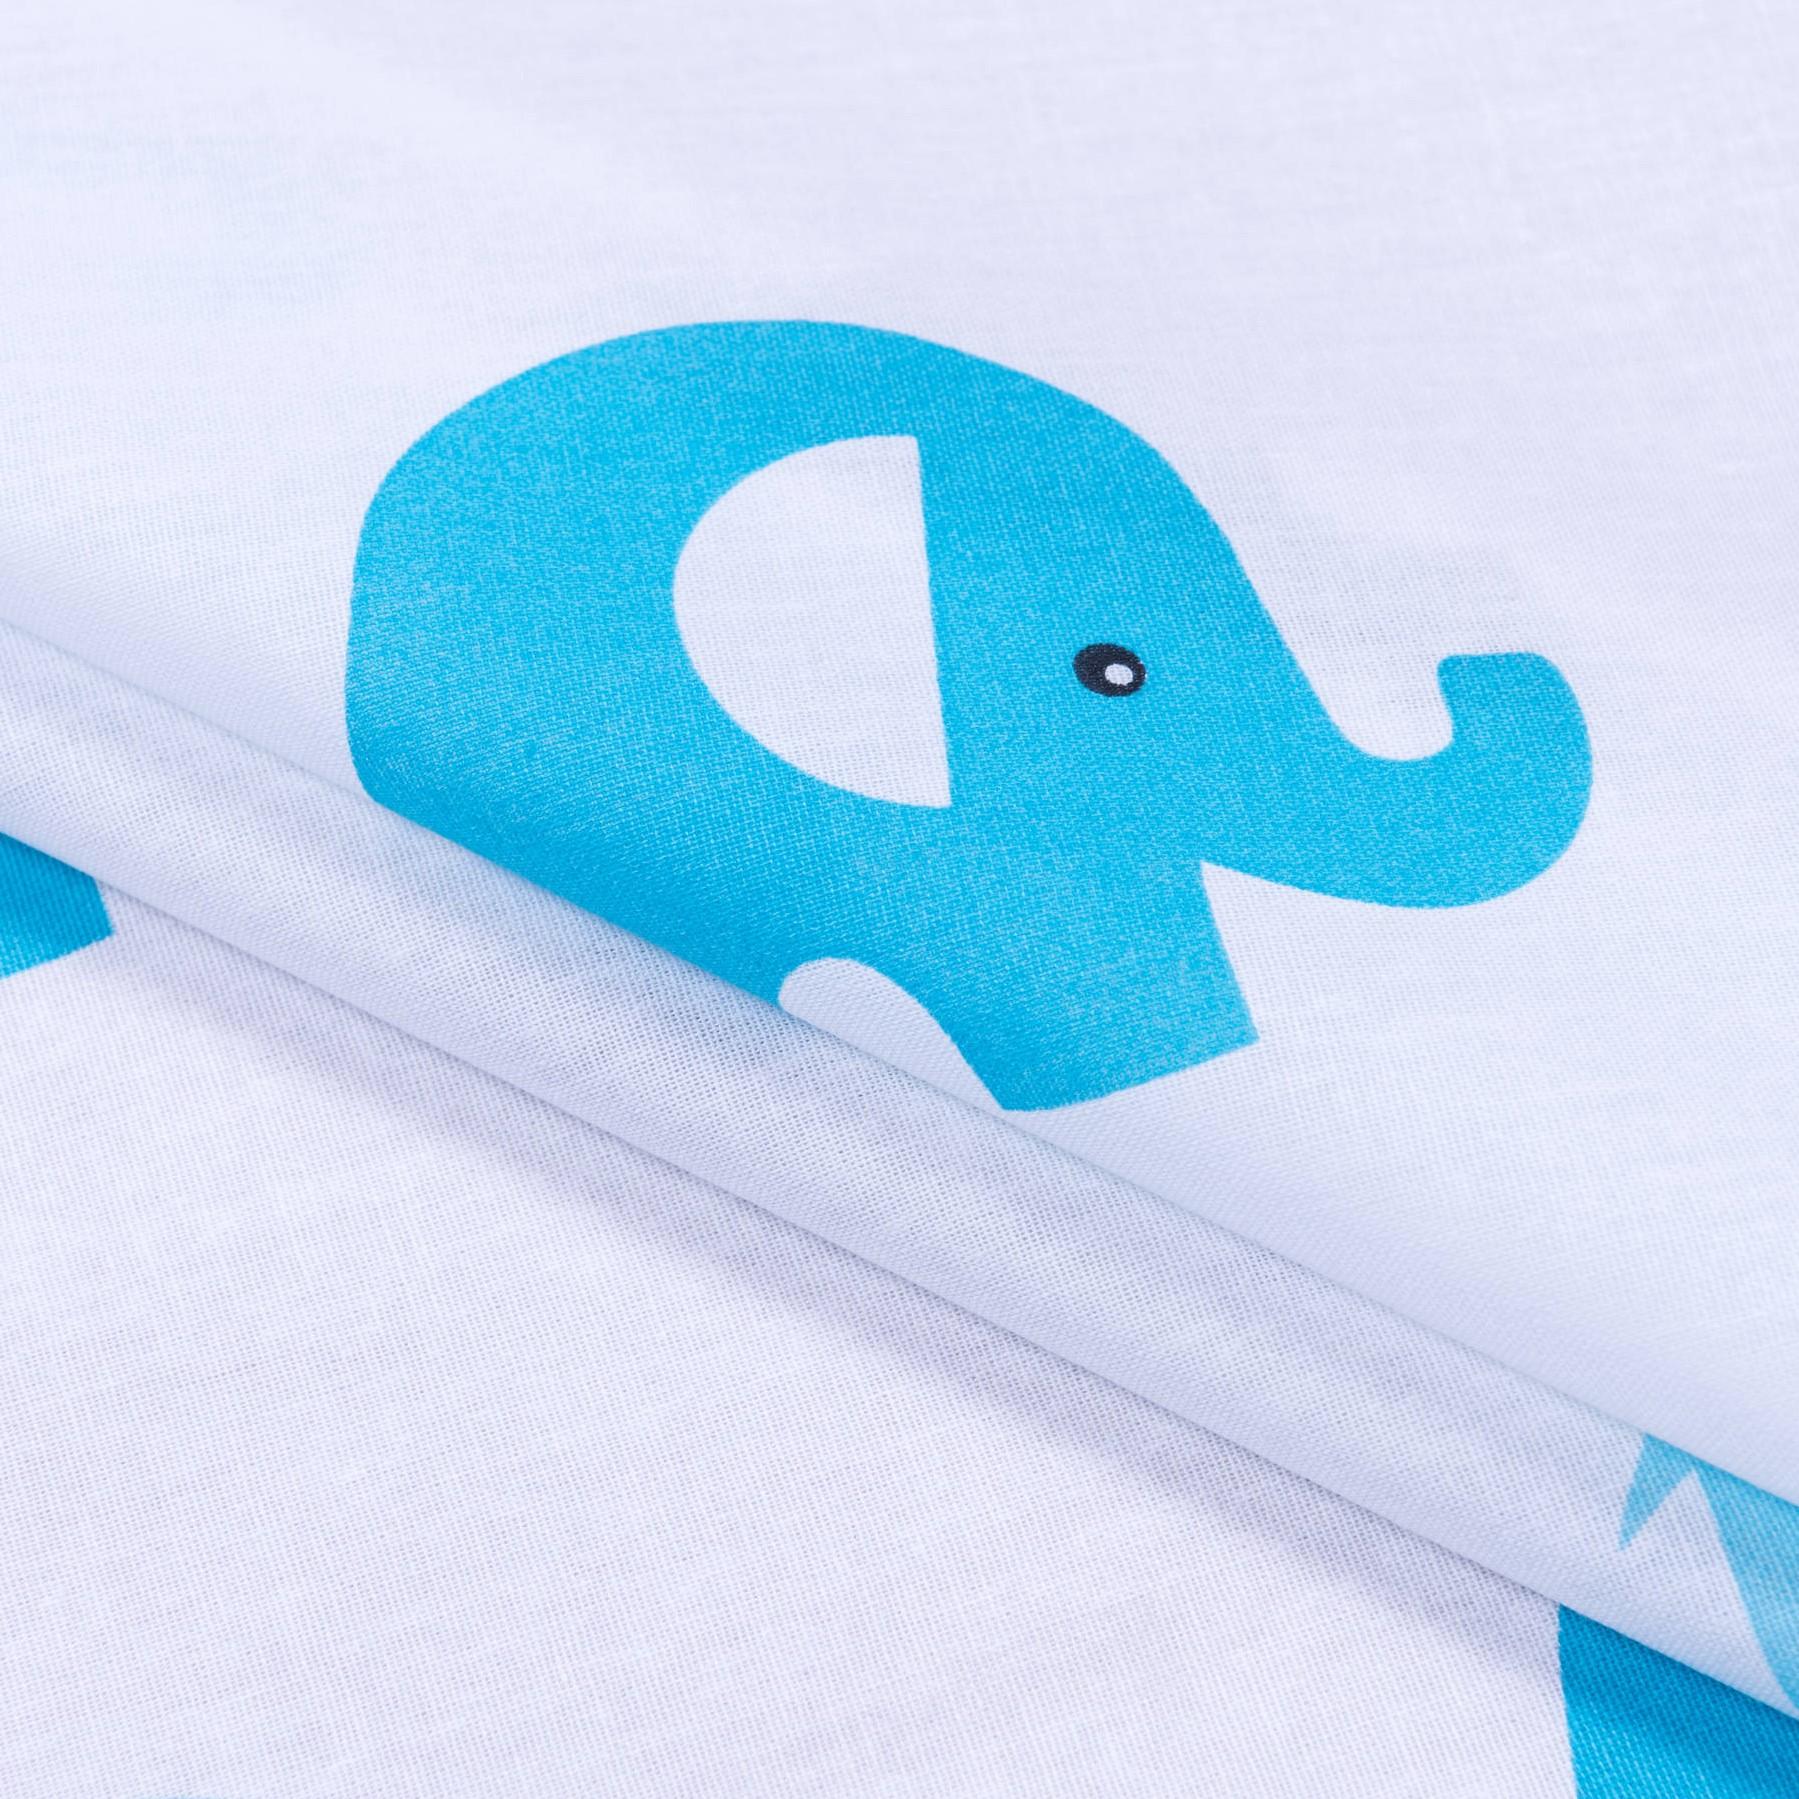 Бязь набивная Голубые слоники, размер 50х70 см, хлопок 100%, плотность 120